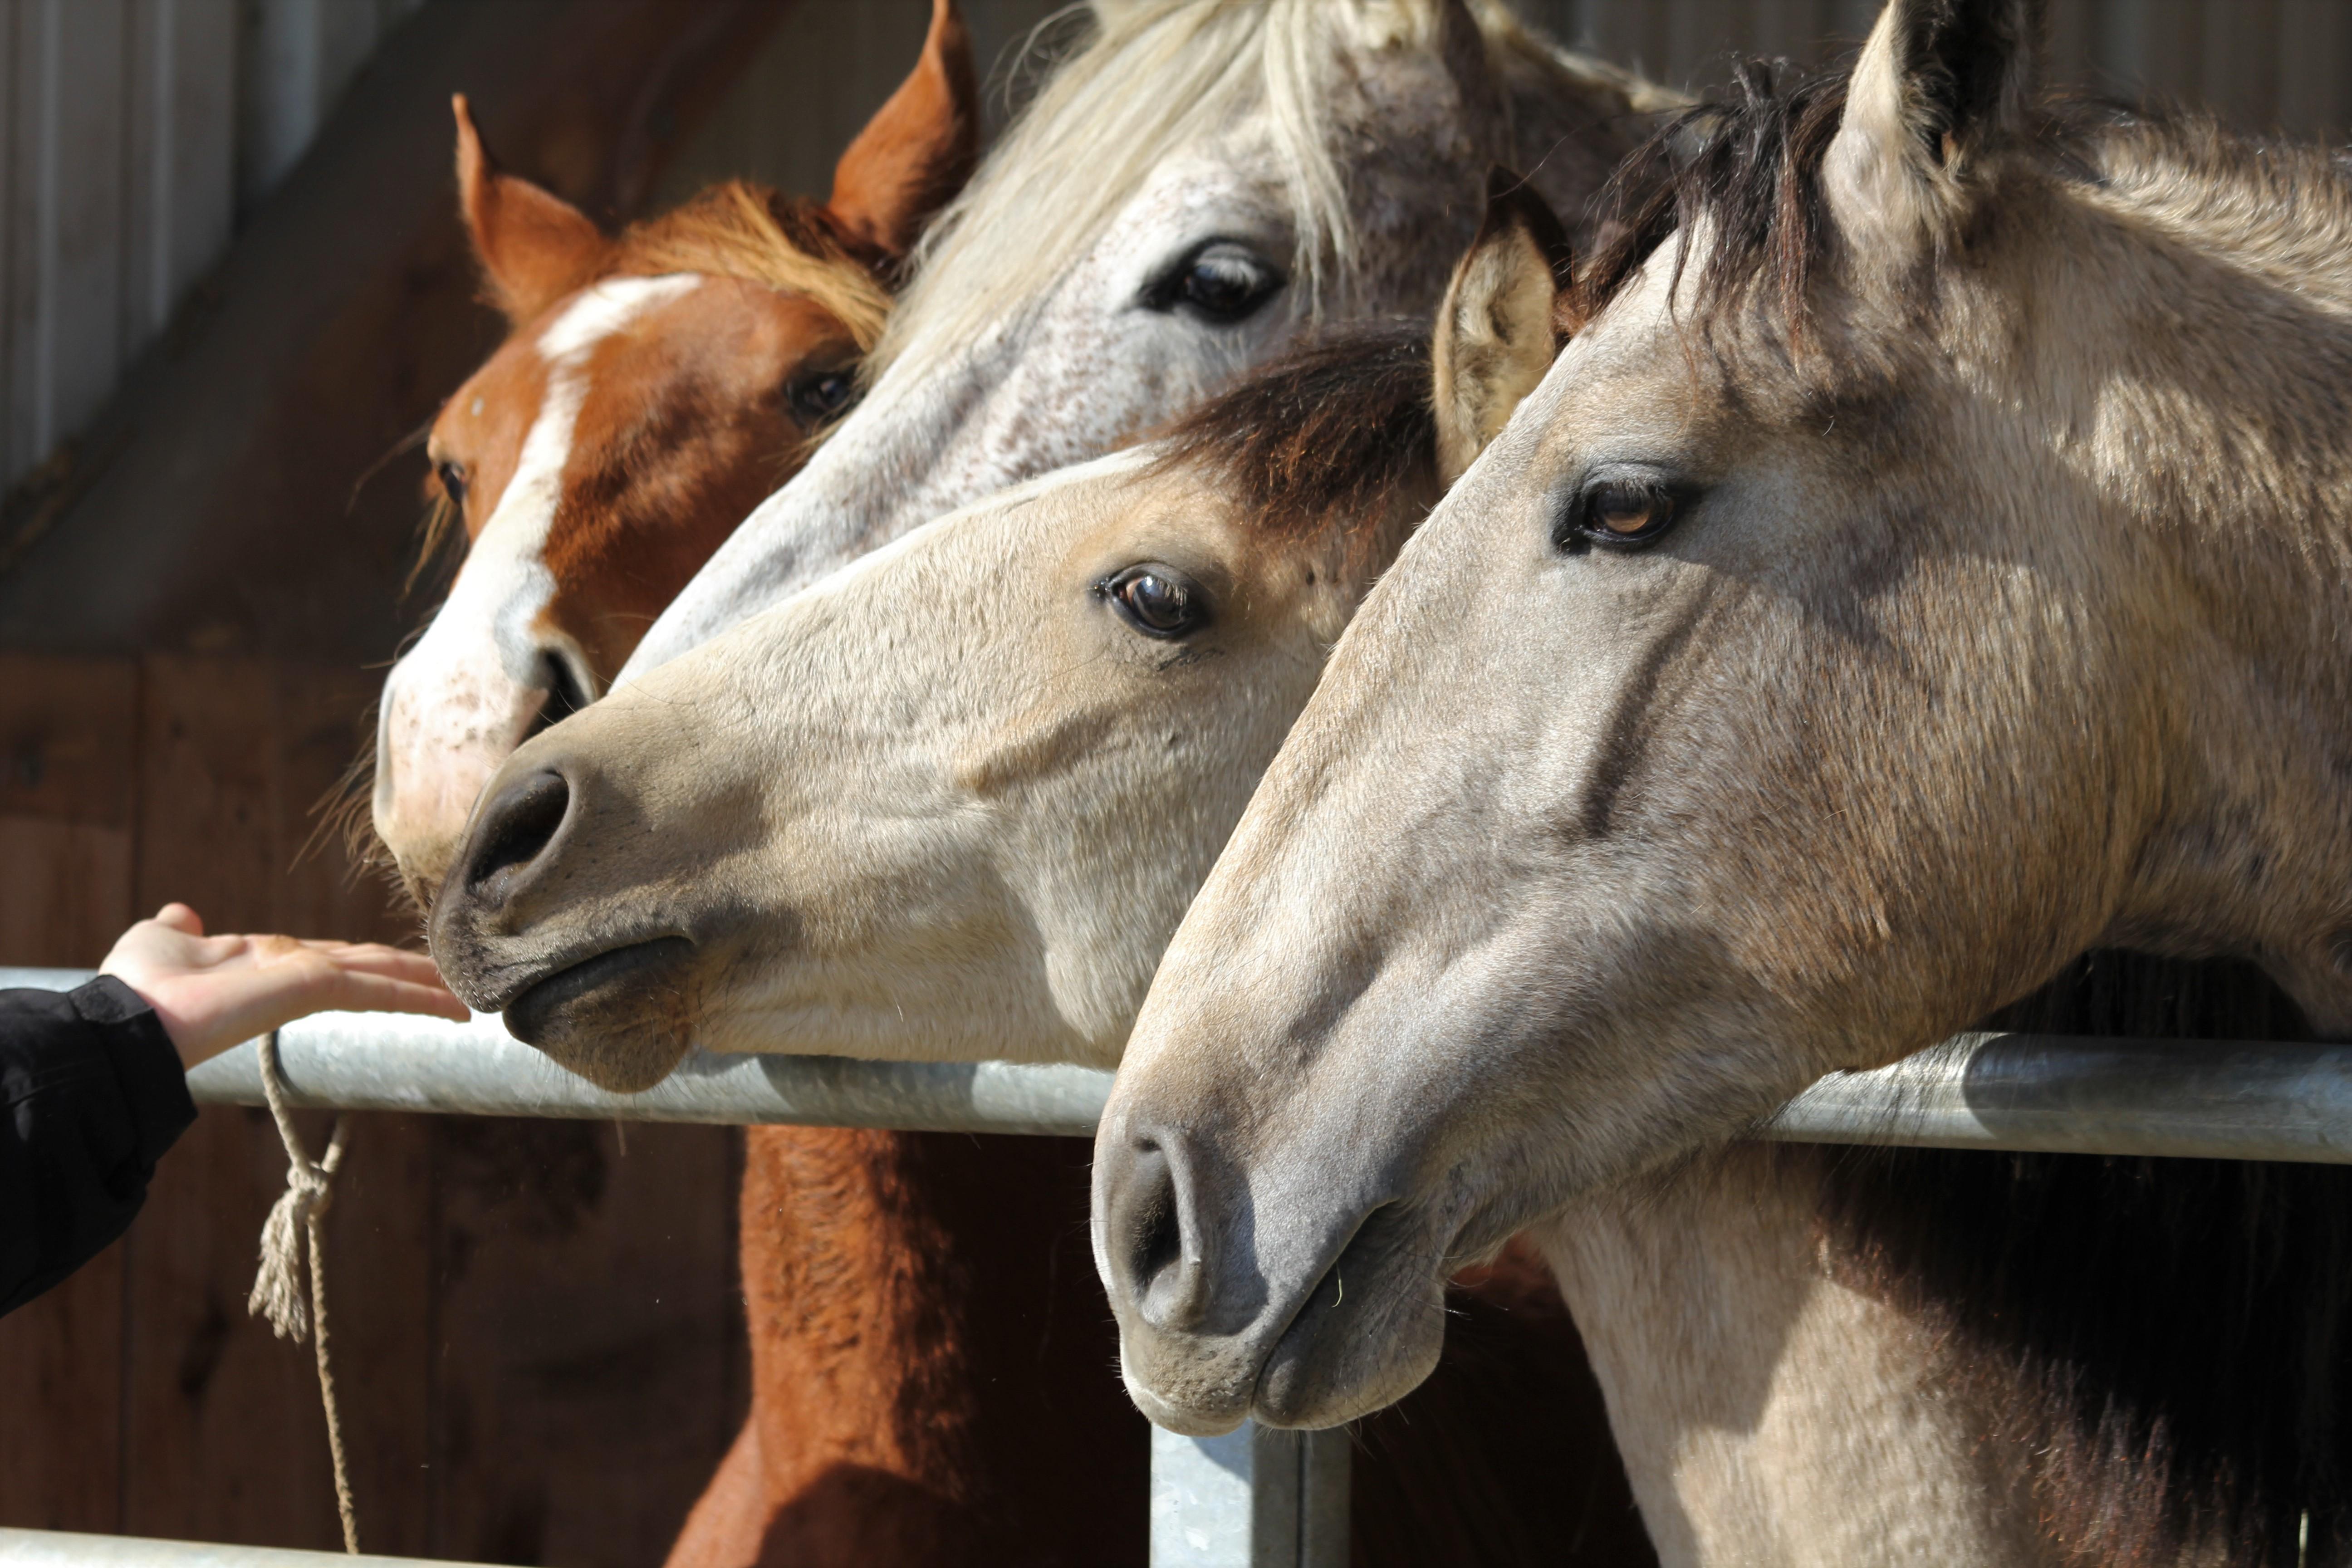 Rohasche im Pferdefutter. Was bedeutet das?